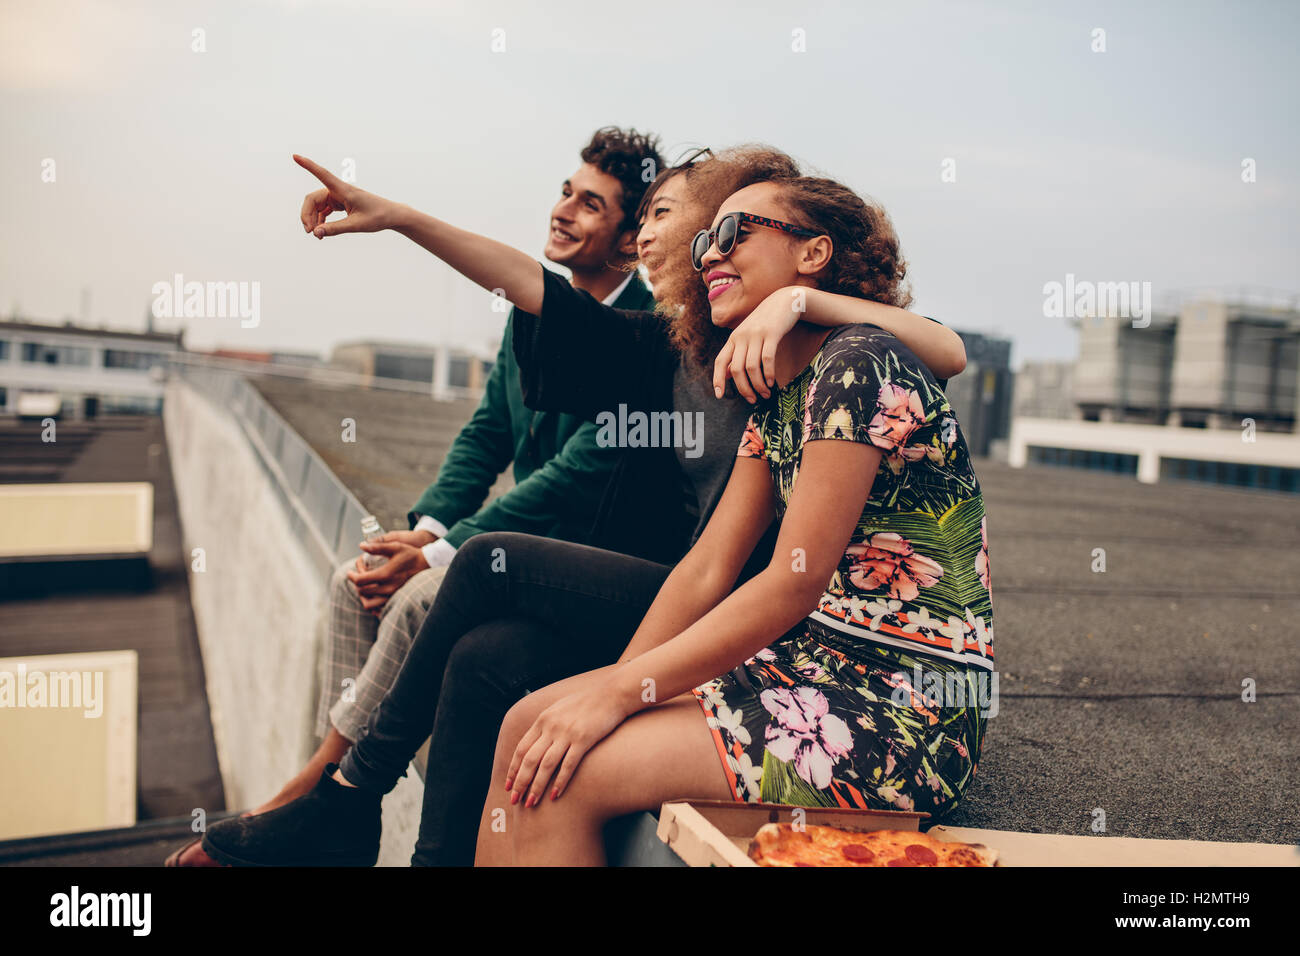 L uomo e la donna seduti sulla terrazza sul tetto che guarda lontano sorridente. Felice giovani amici in relax sulla Immagini Stock